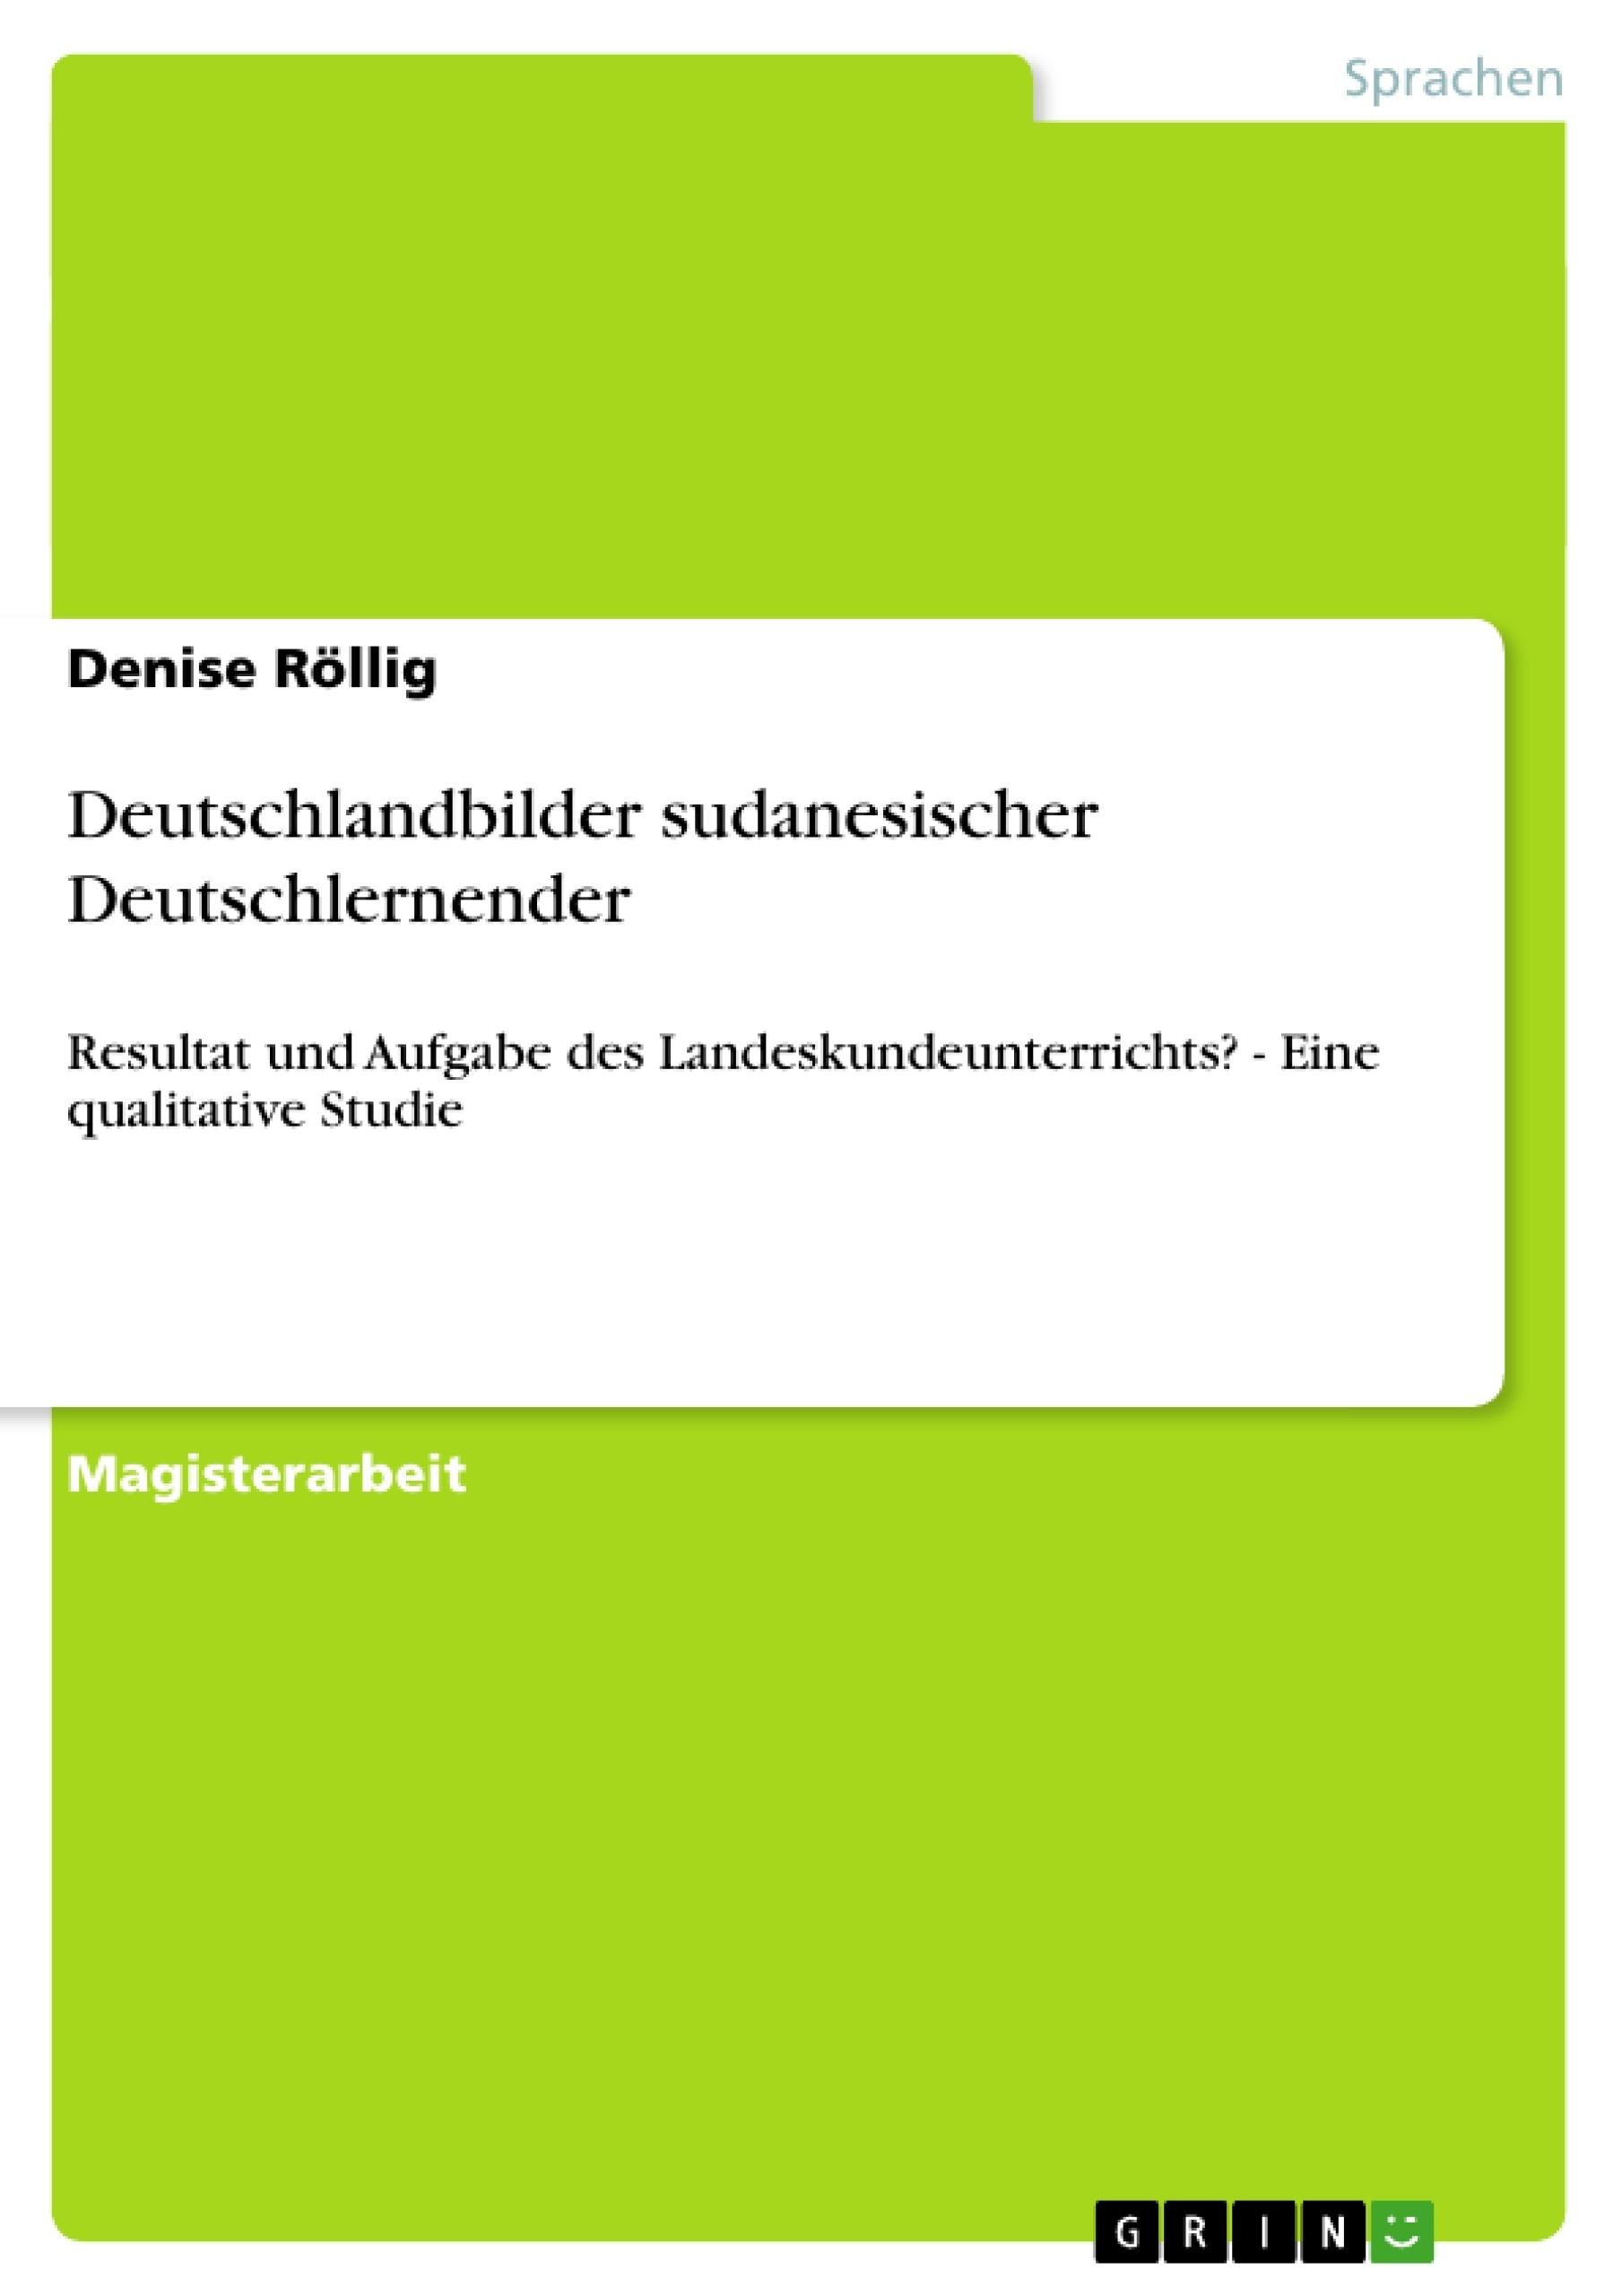 Titel: Deutschlandbilder sudanesischer Deutschlernender